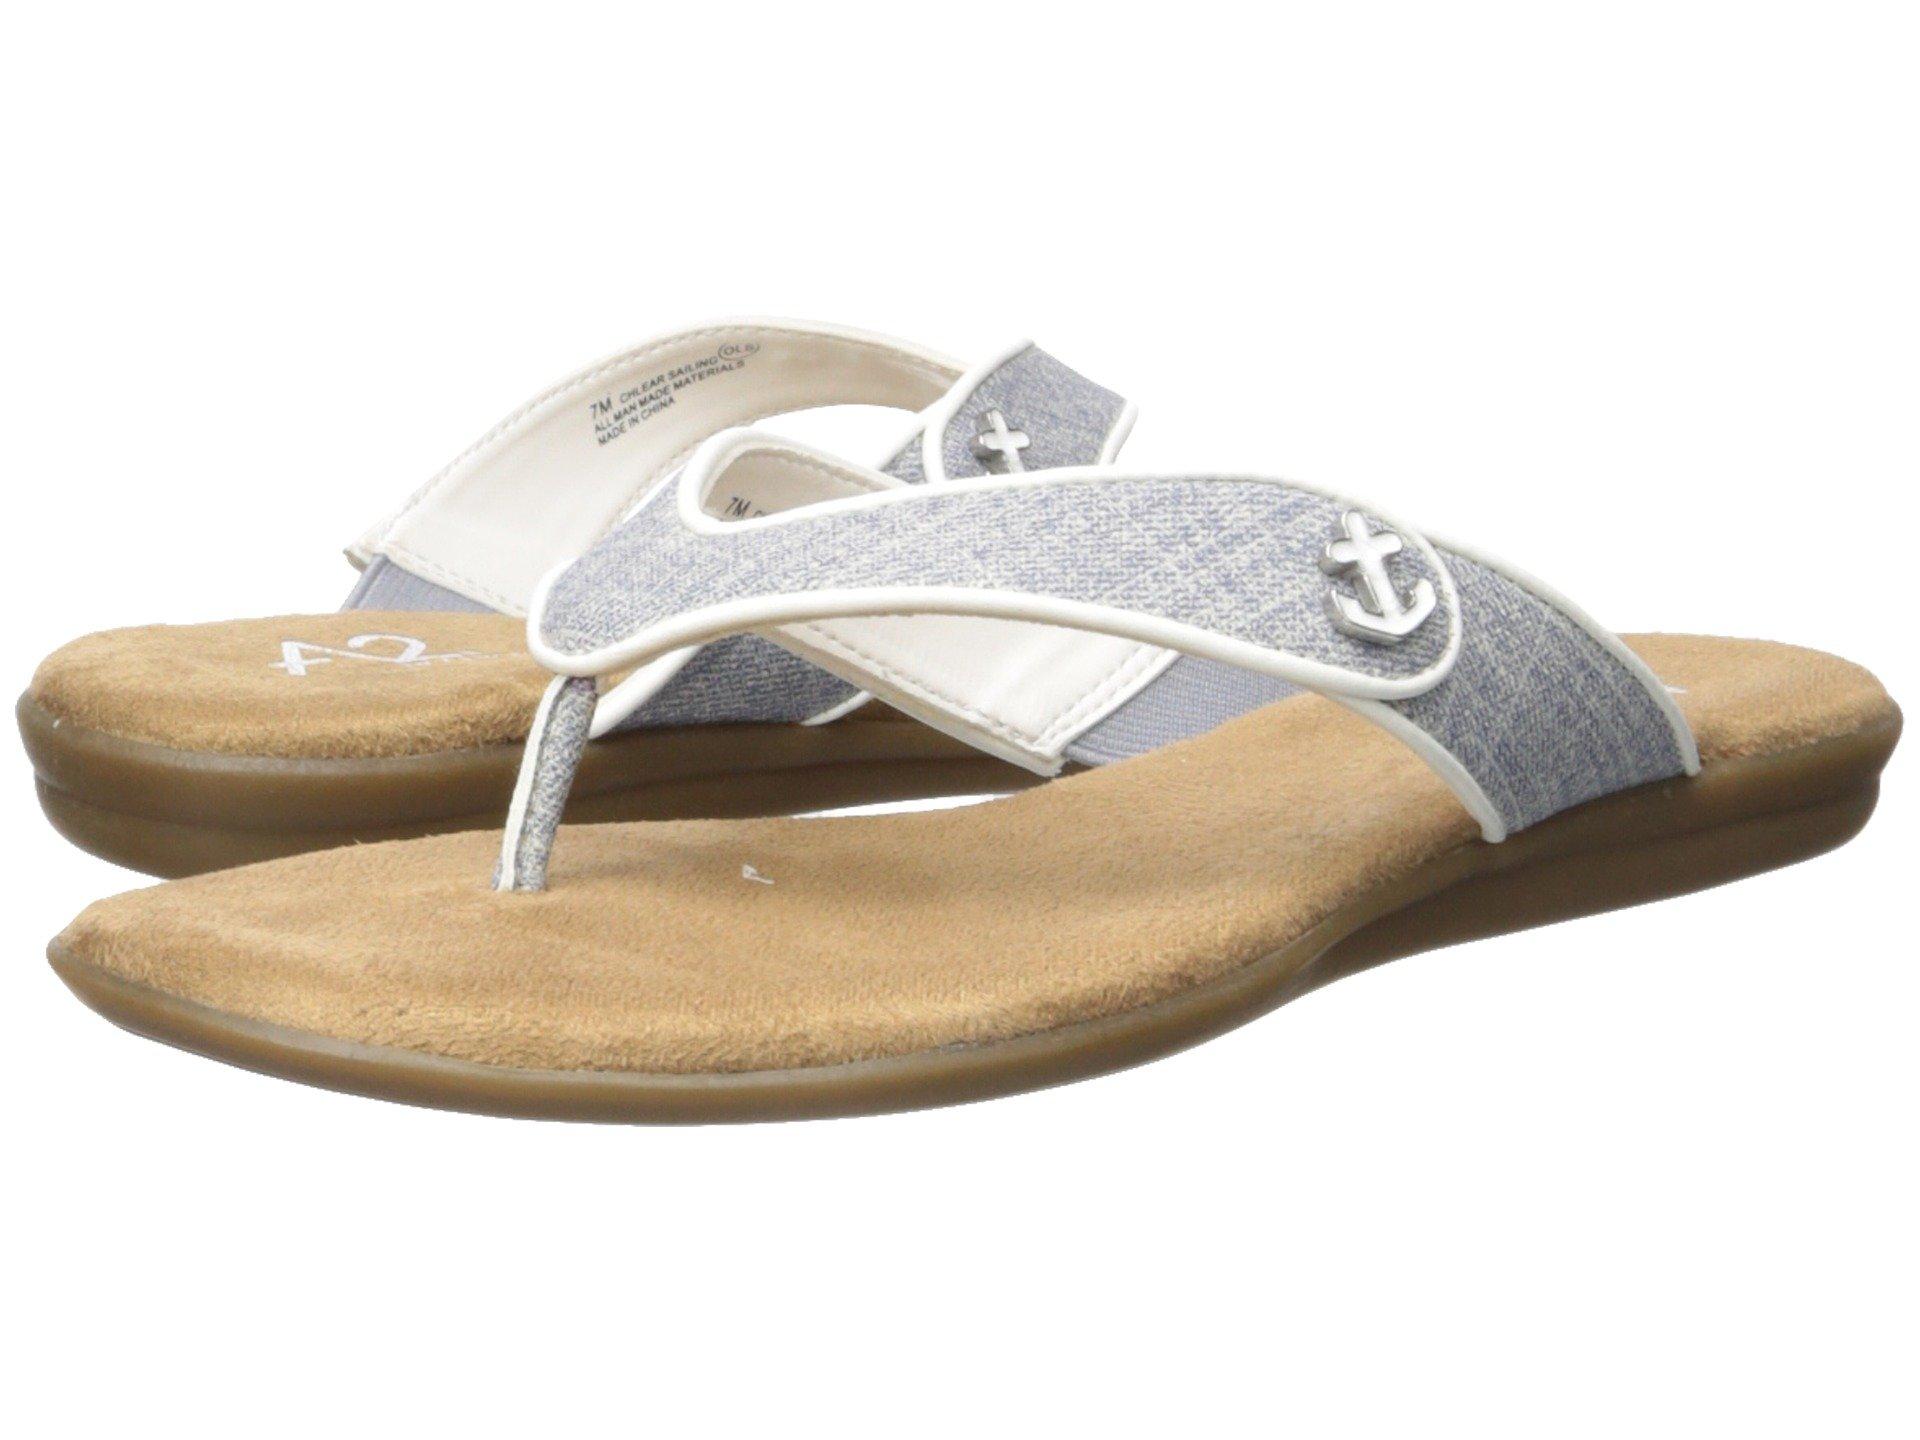 Sandalias para Mujer A2 by Aerosoles Chlear Sailing  + Aerosoles en VeoyCompro.net